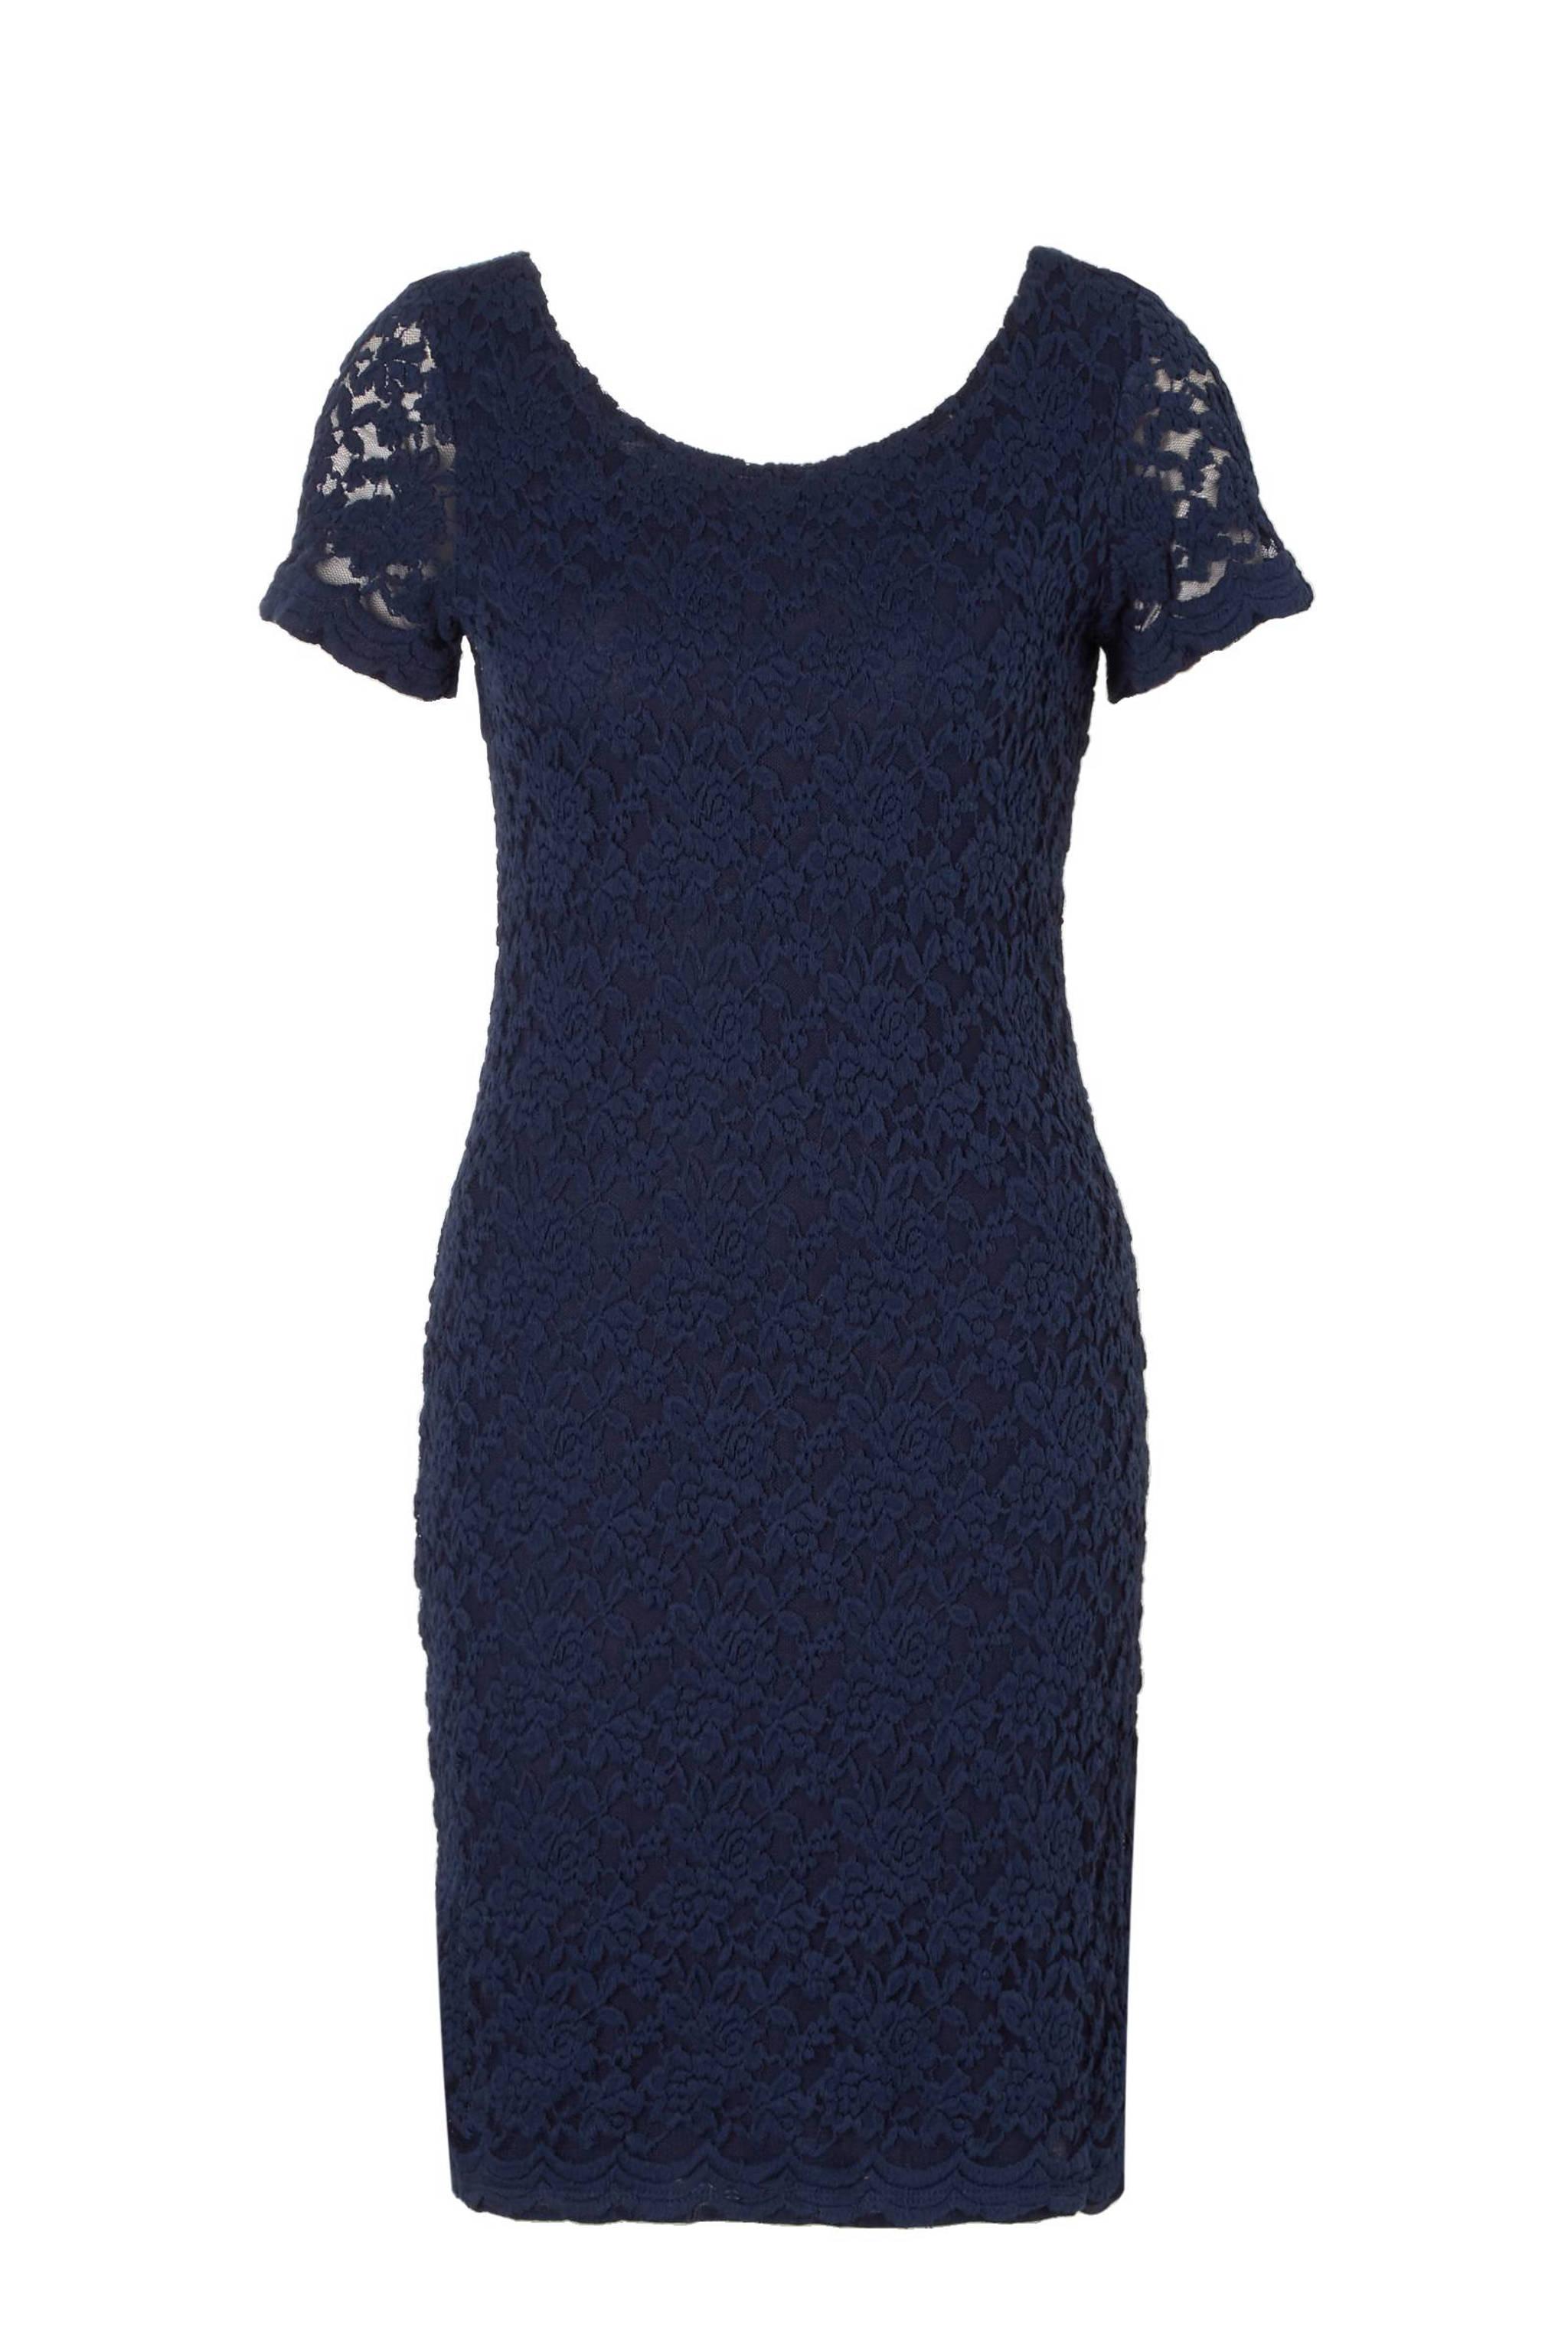 cb1d3dfcd09922 ESPRIT Women Casual kanten jurk met rugdecolleté